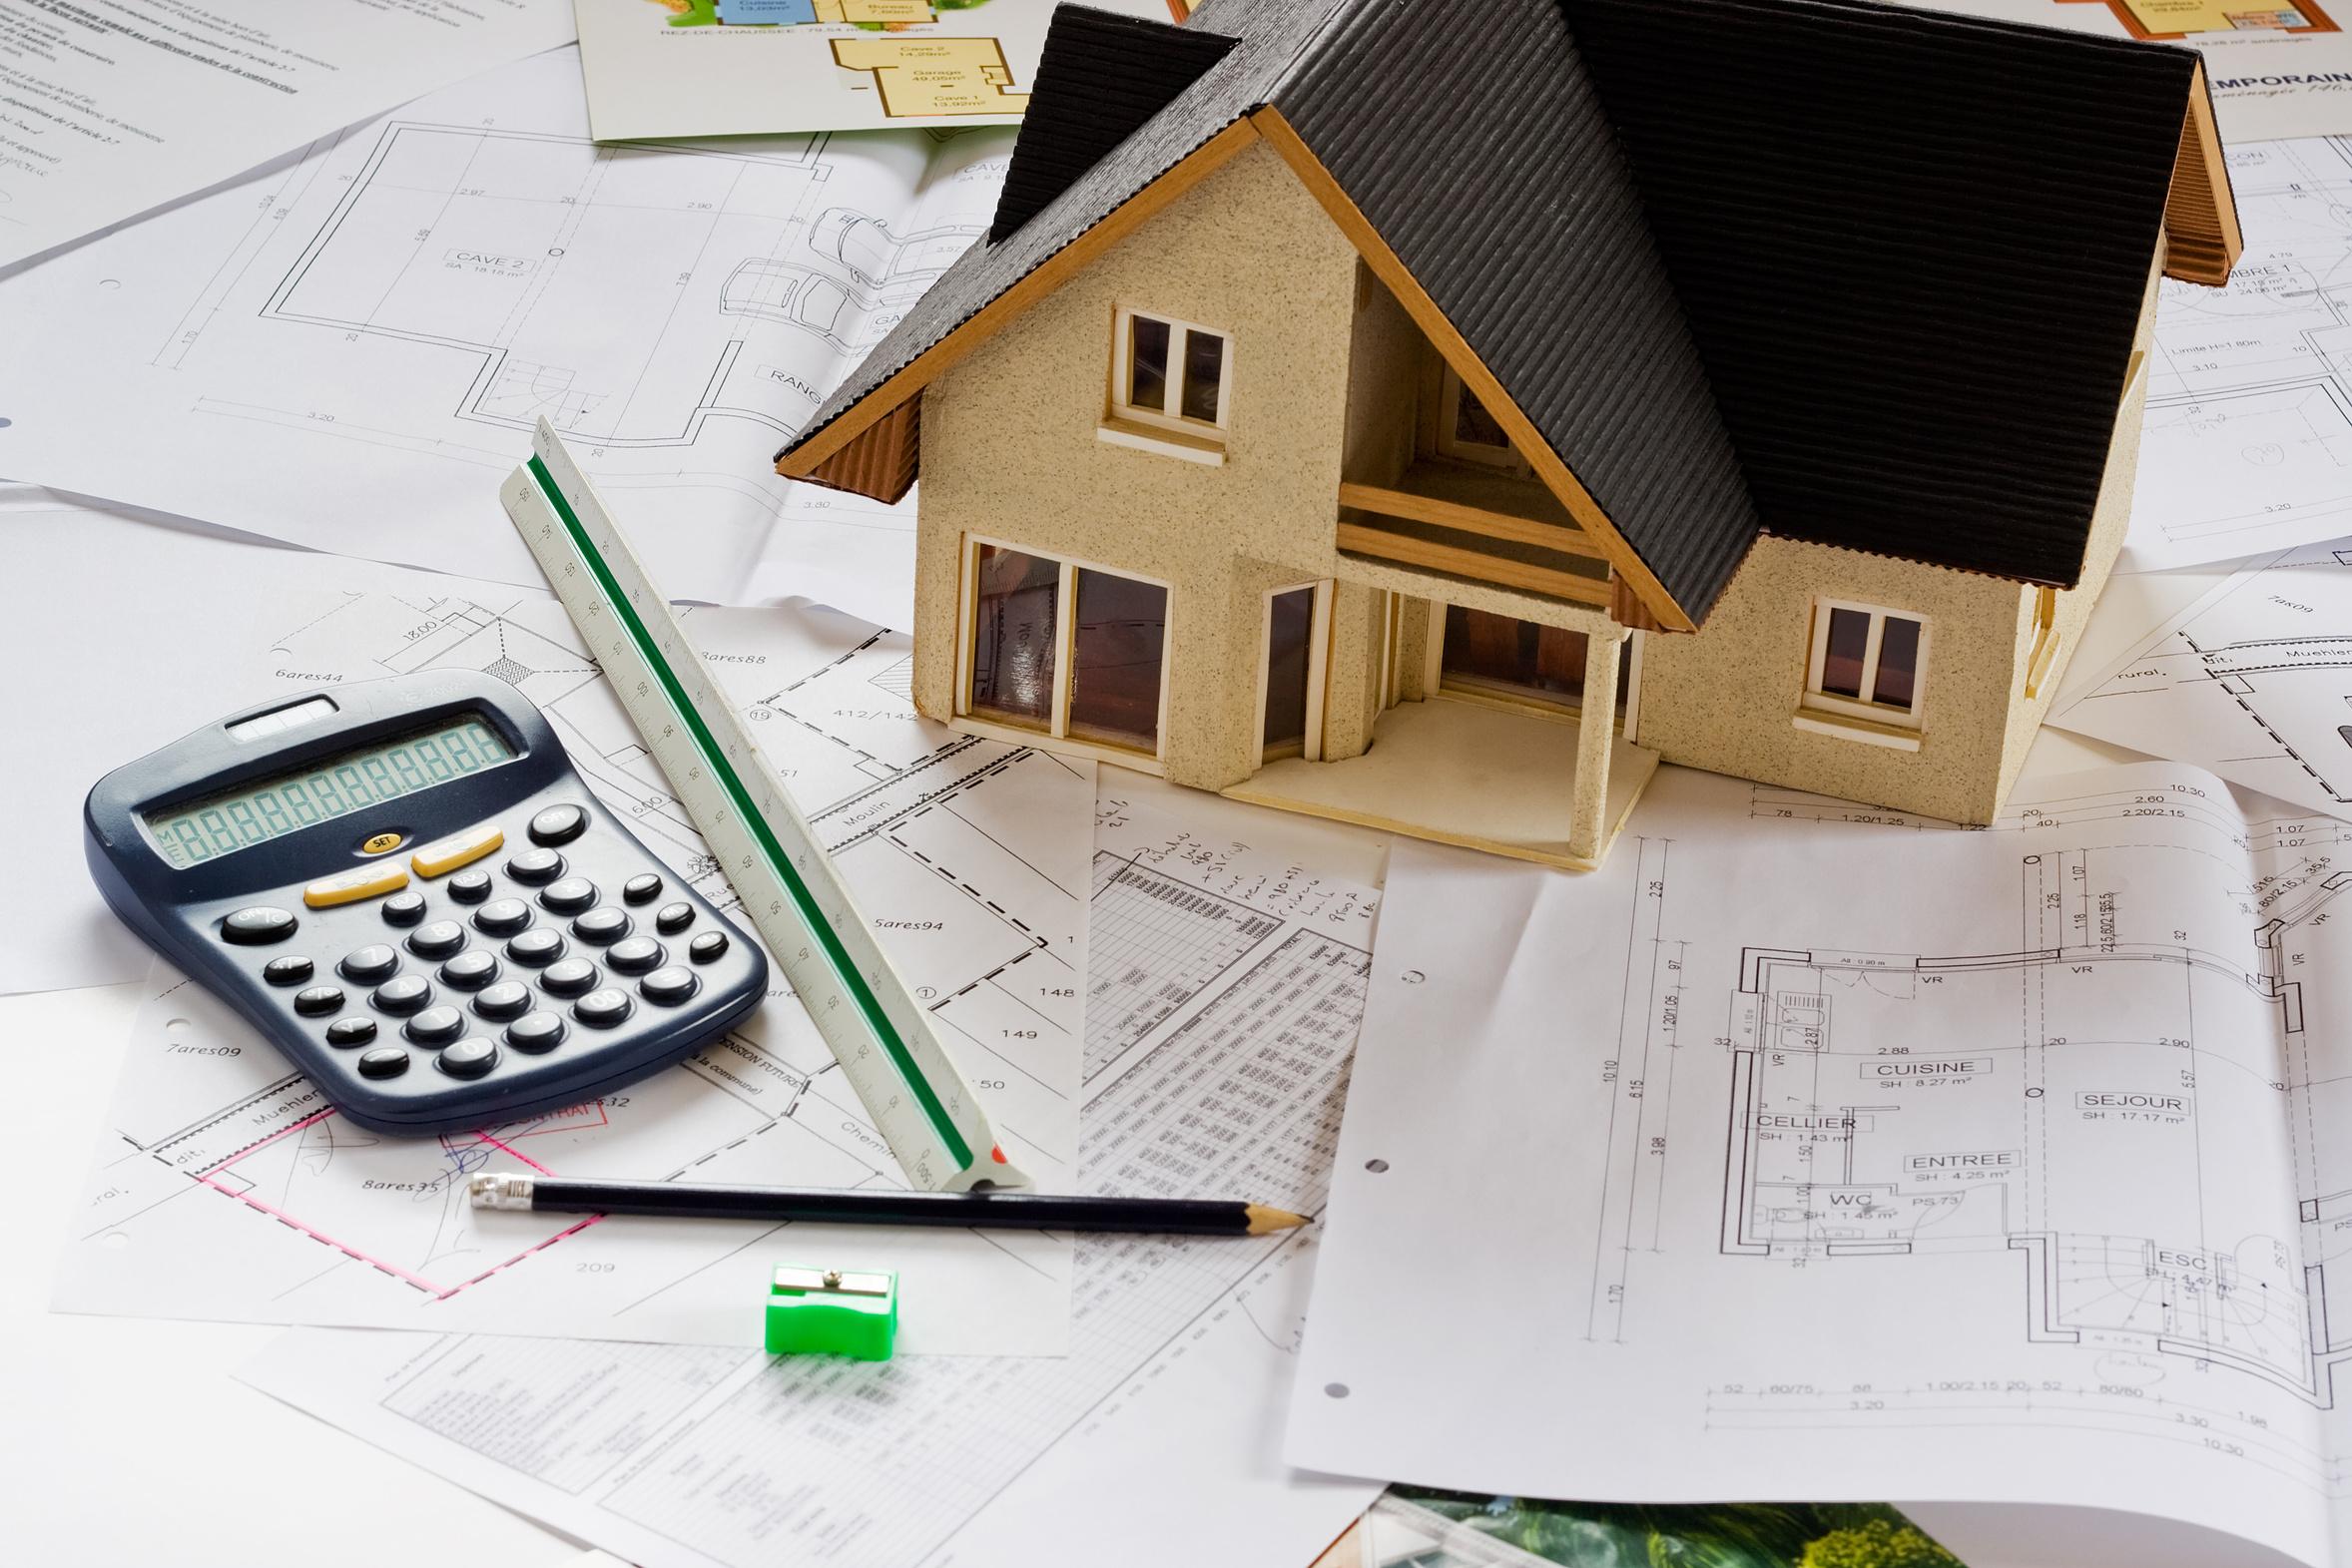 comment bien apprhender un premier achat immobilier - Conseil Avant D Acheter Une Maison